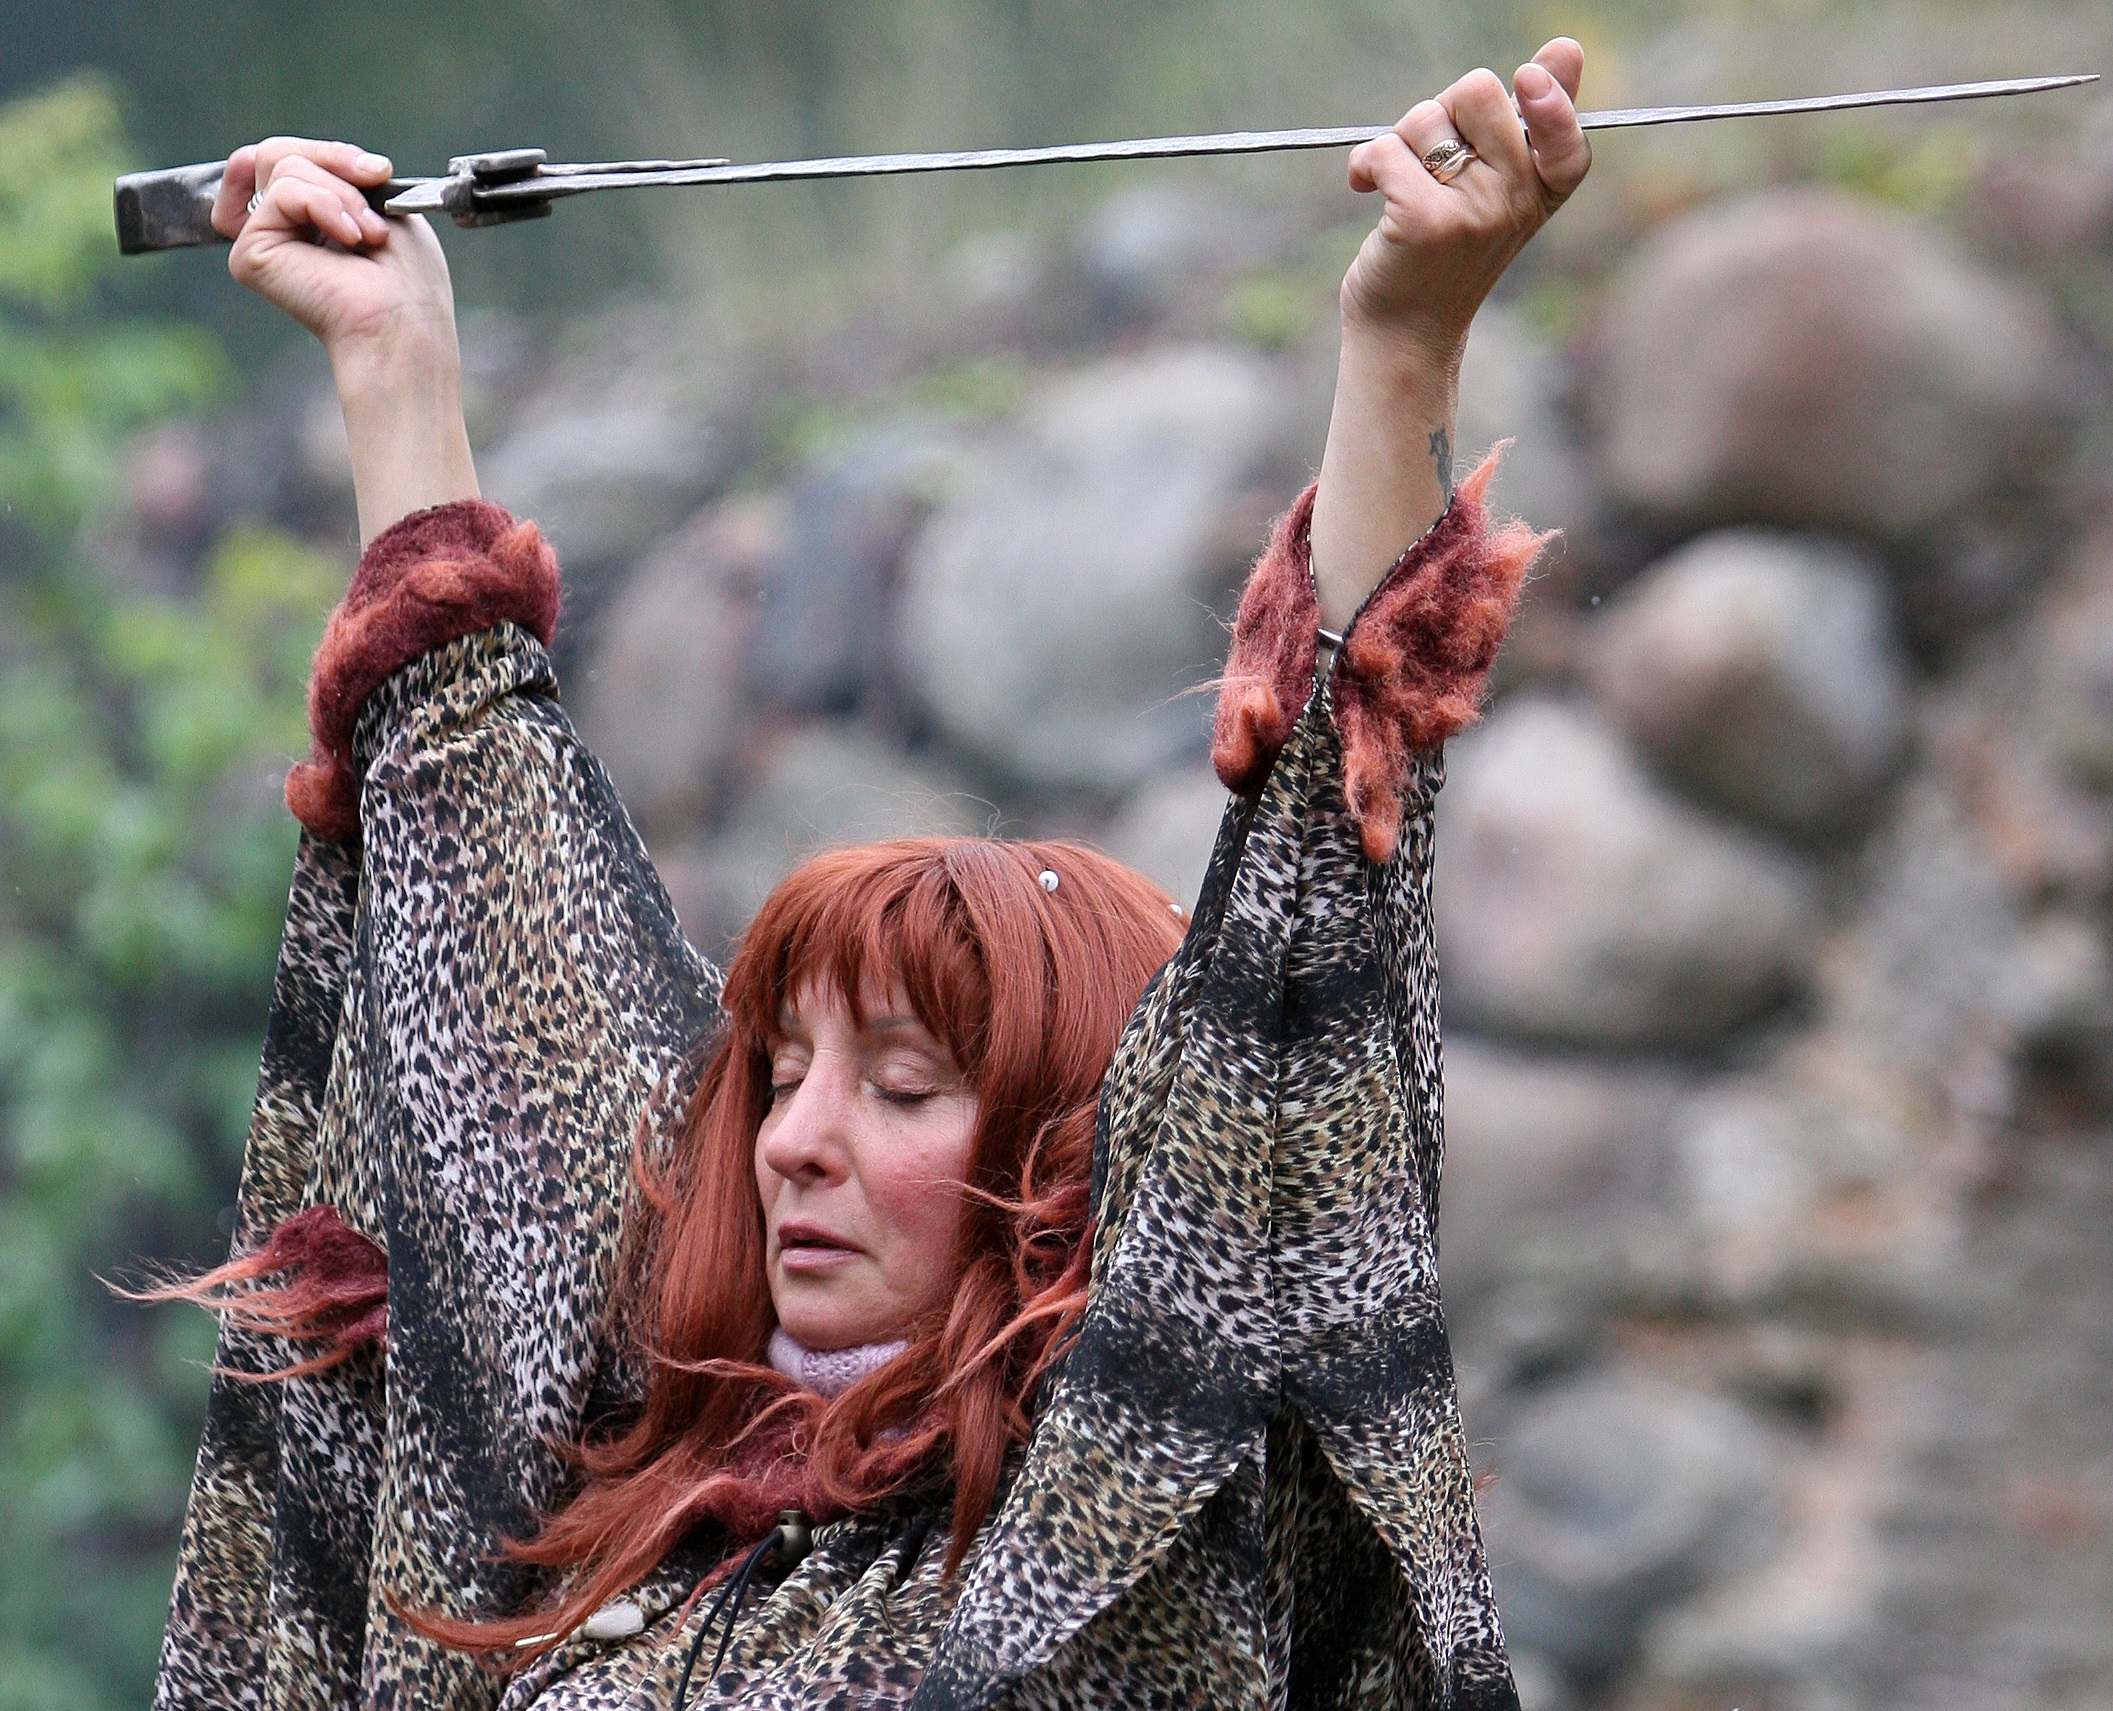 Egyre több nő talál erőt és közösséget a boszorkányságban